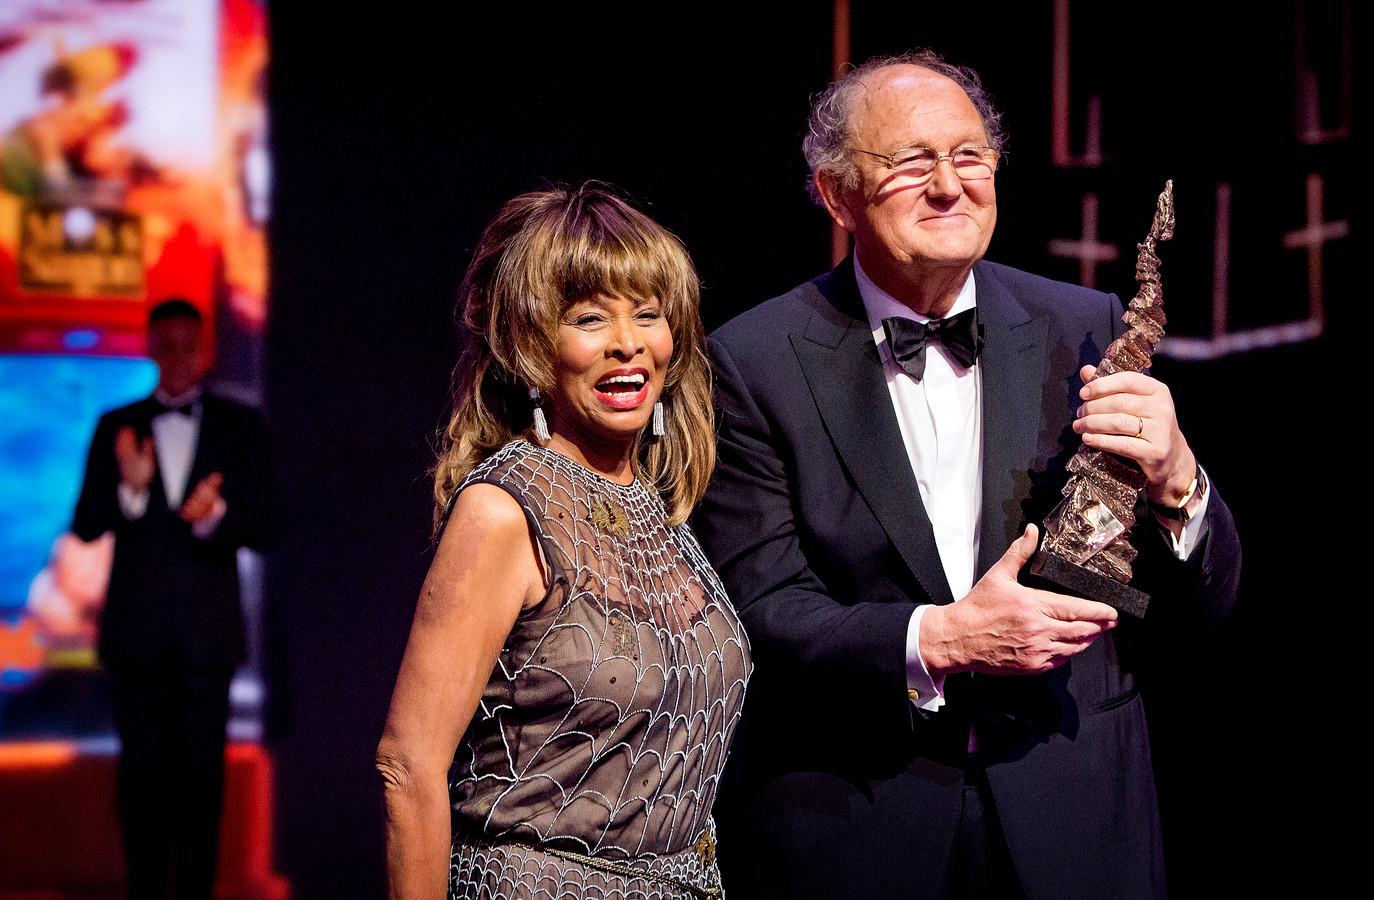 """Joop van den Ende nadat hij in februari 2016 een oeuvre-award kreeg van Tina Turner. ,,Alles wat ik vroeg was meer dan in het contract stond,"""" zei hij tegen alle medewerkers achter de schermen."""